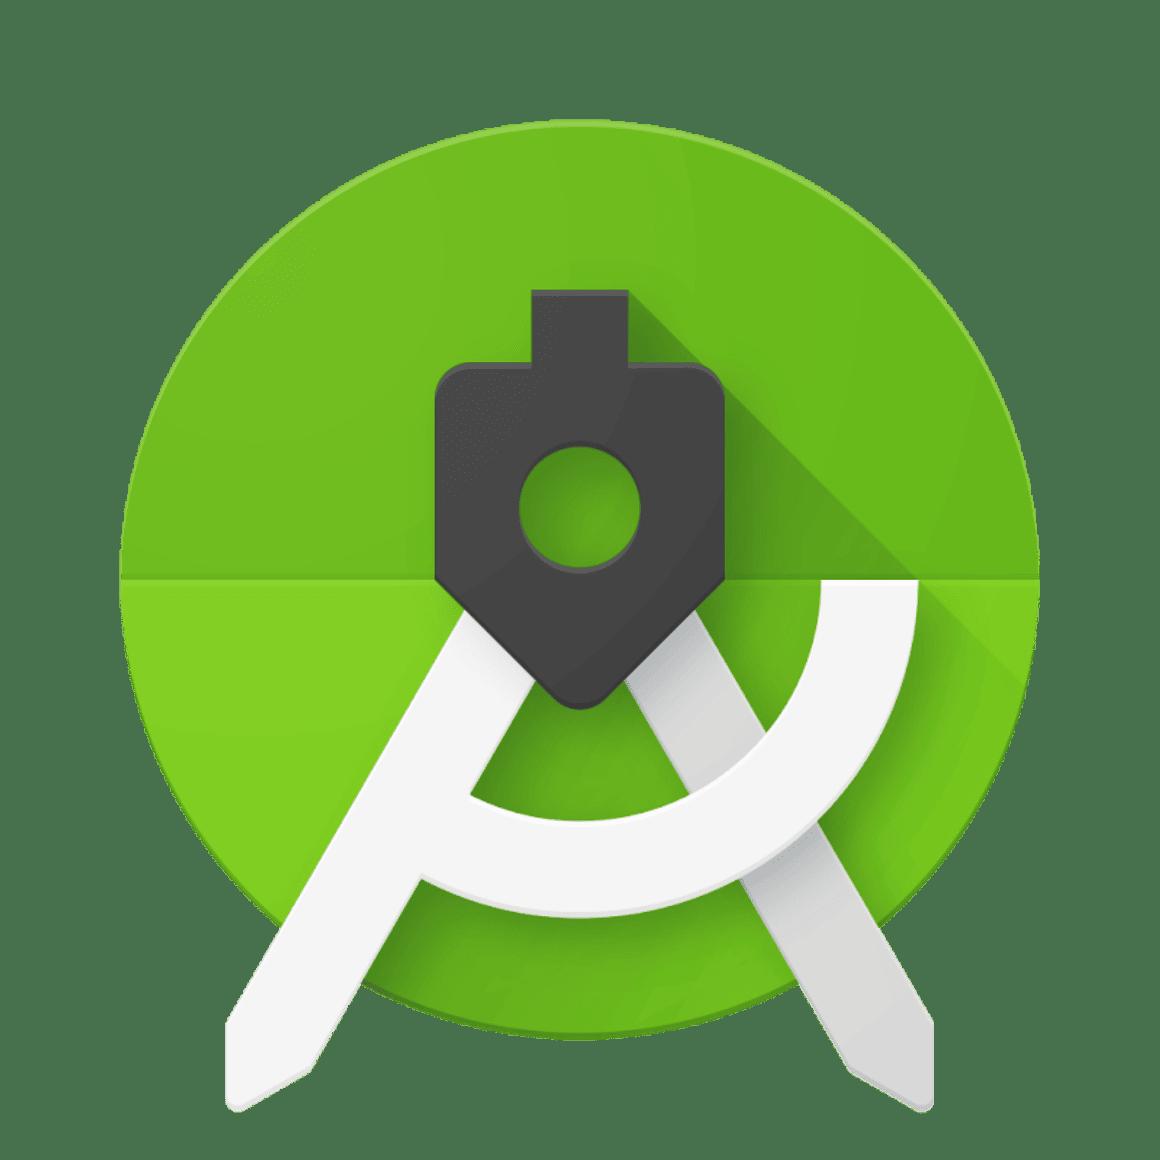 Sepak Terjang Android Di Kancah Jaringan Internet Global, Sepak Terjang Android Di Kancah Jaringan Internet Global